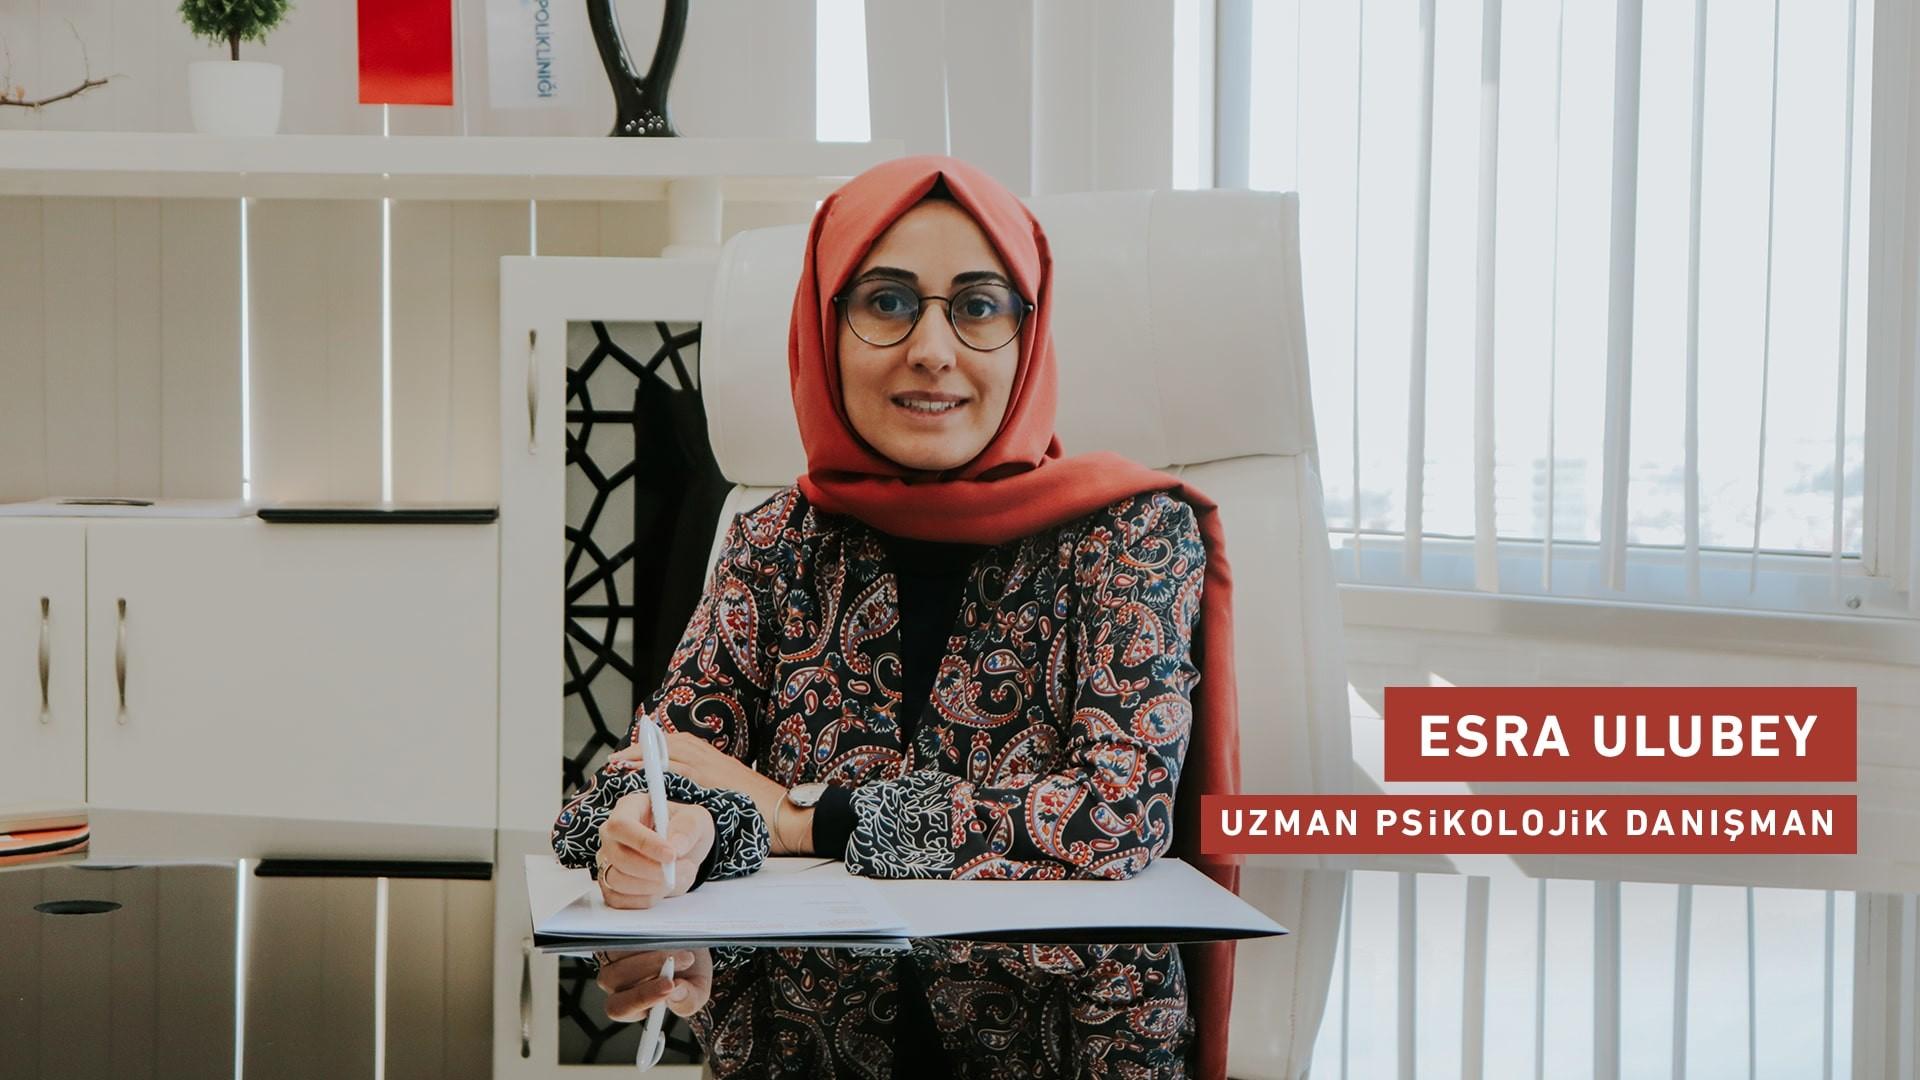 Esra Ulubey - Uzman Psikolojik Danışman